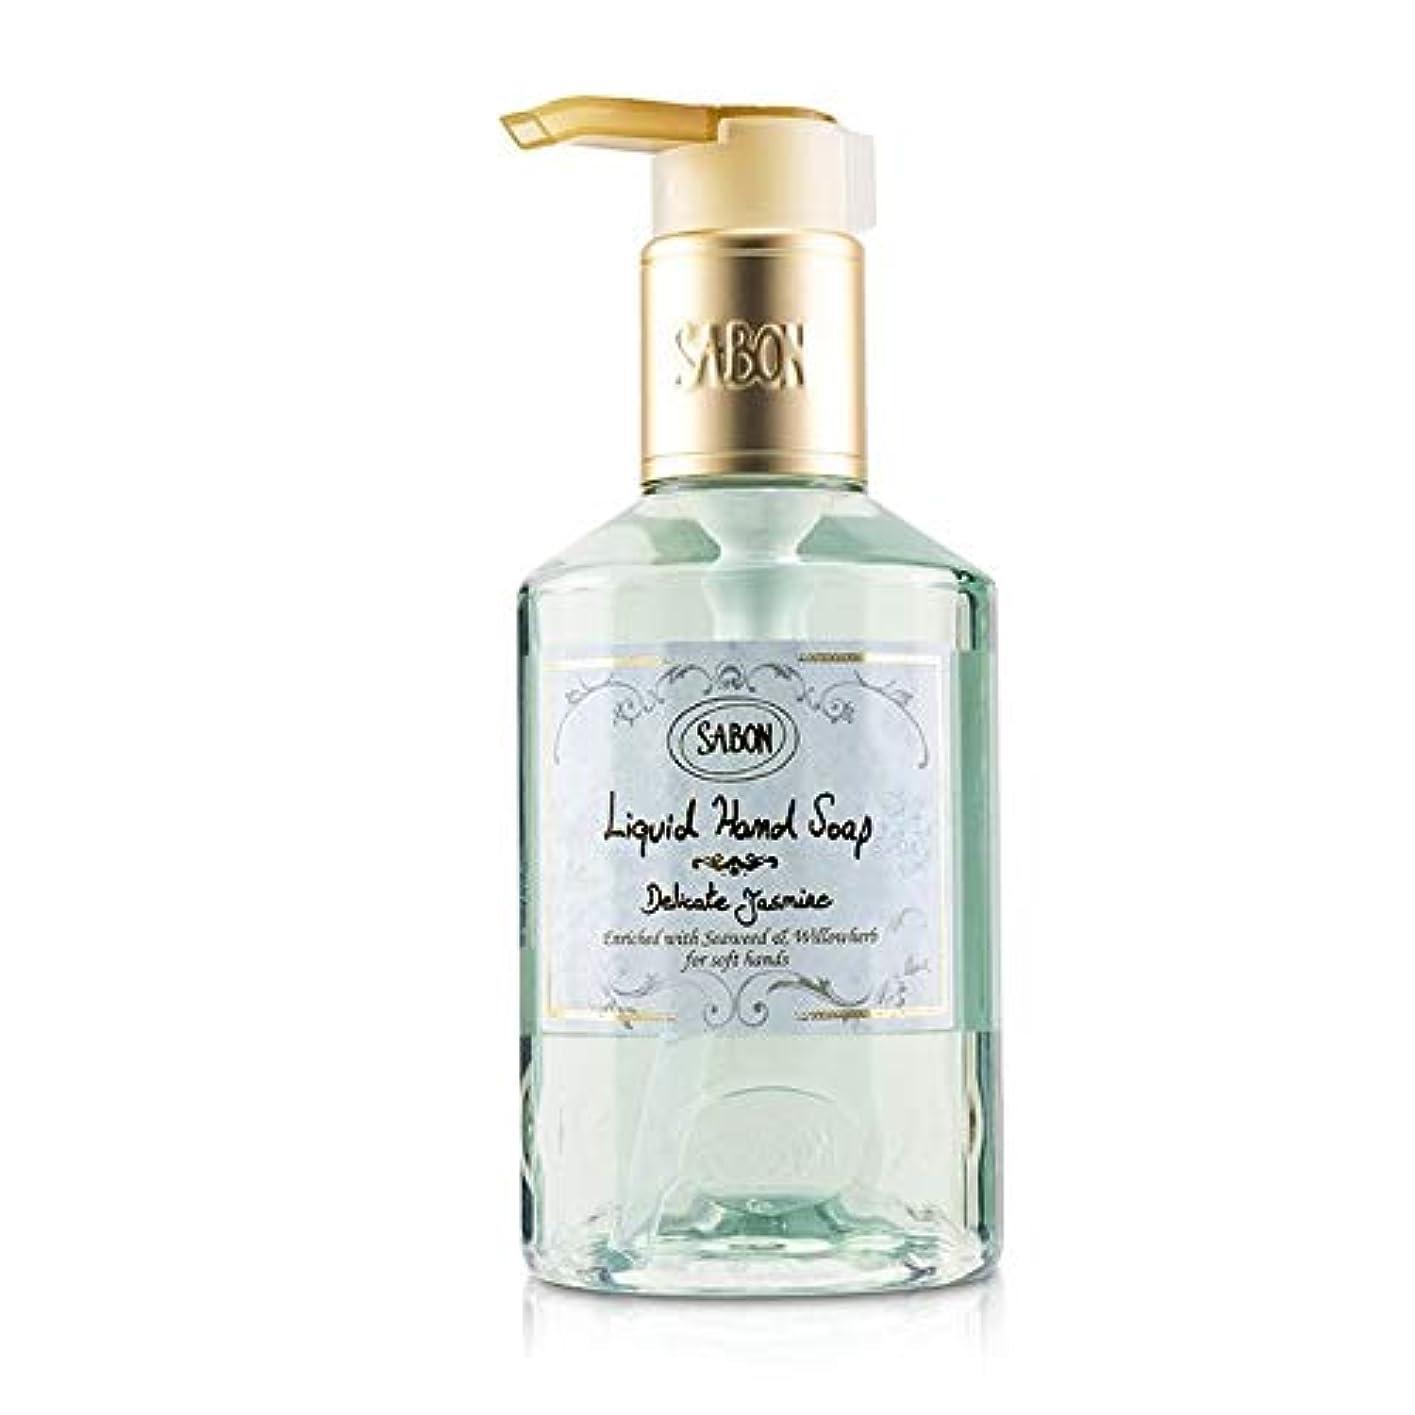 原油スノーケル郵便屋さんサボン Liquid Hand Soap - Delicate Jasmine 200ml/7oz並行輸入品